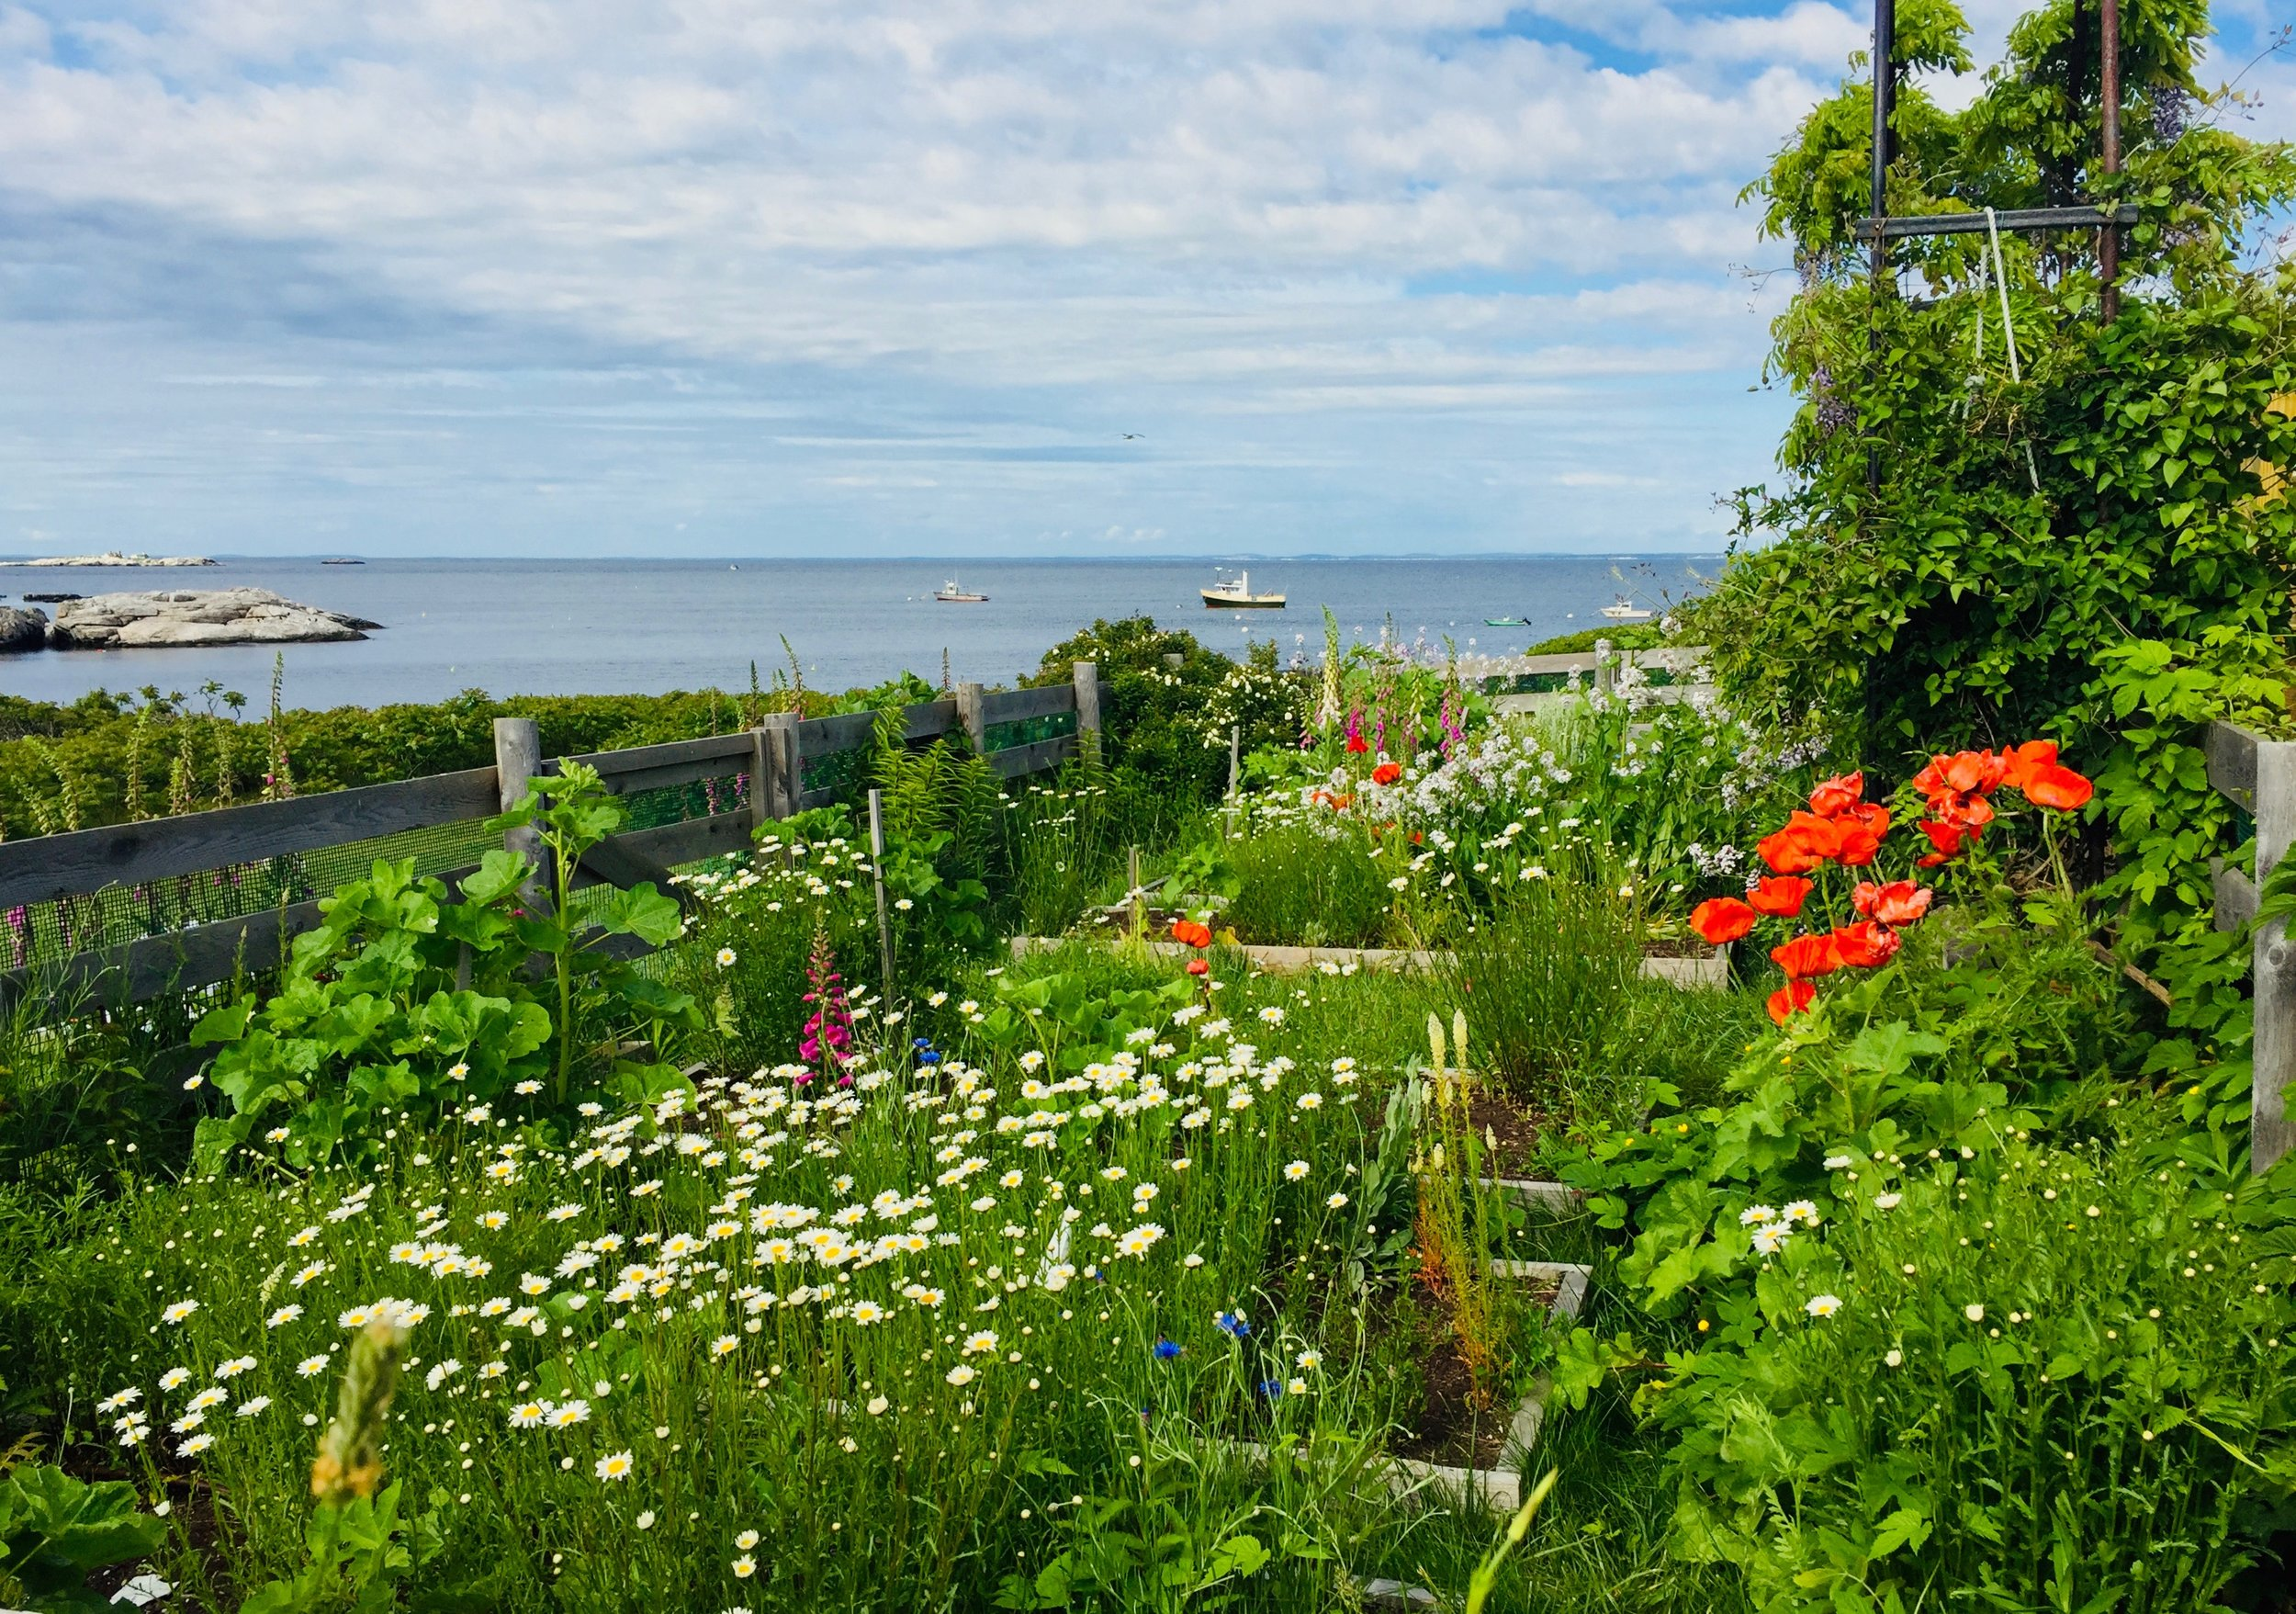 Celia Laighton Thaxter's Garden, Appledore Island. Photo by Naila Moreira.